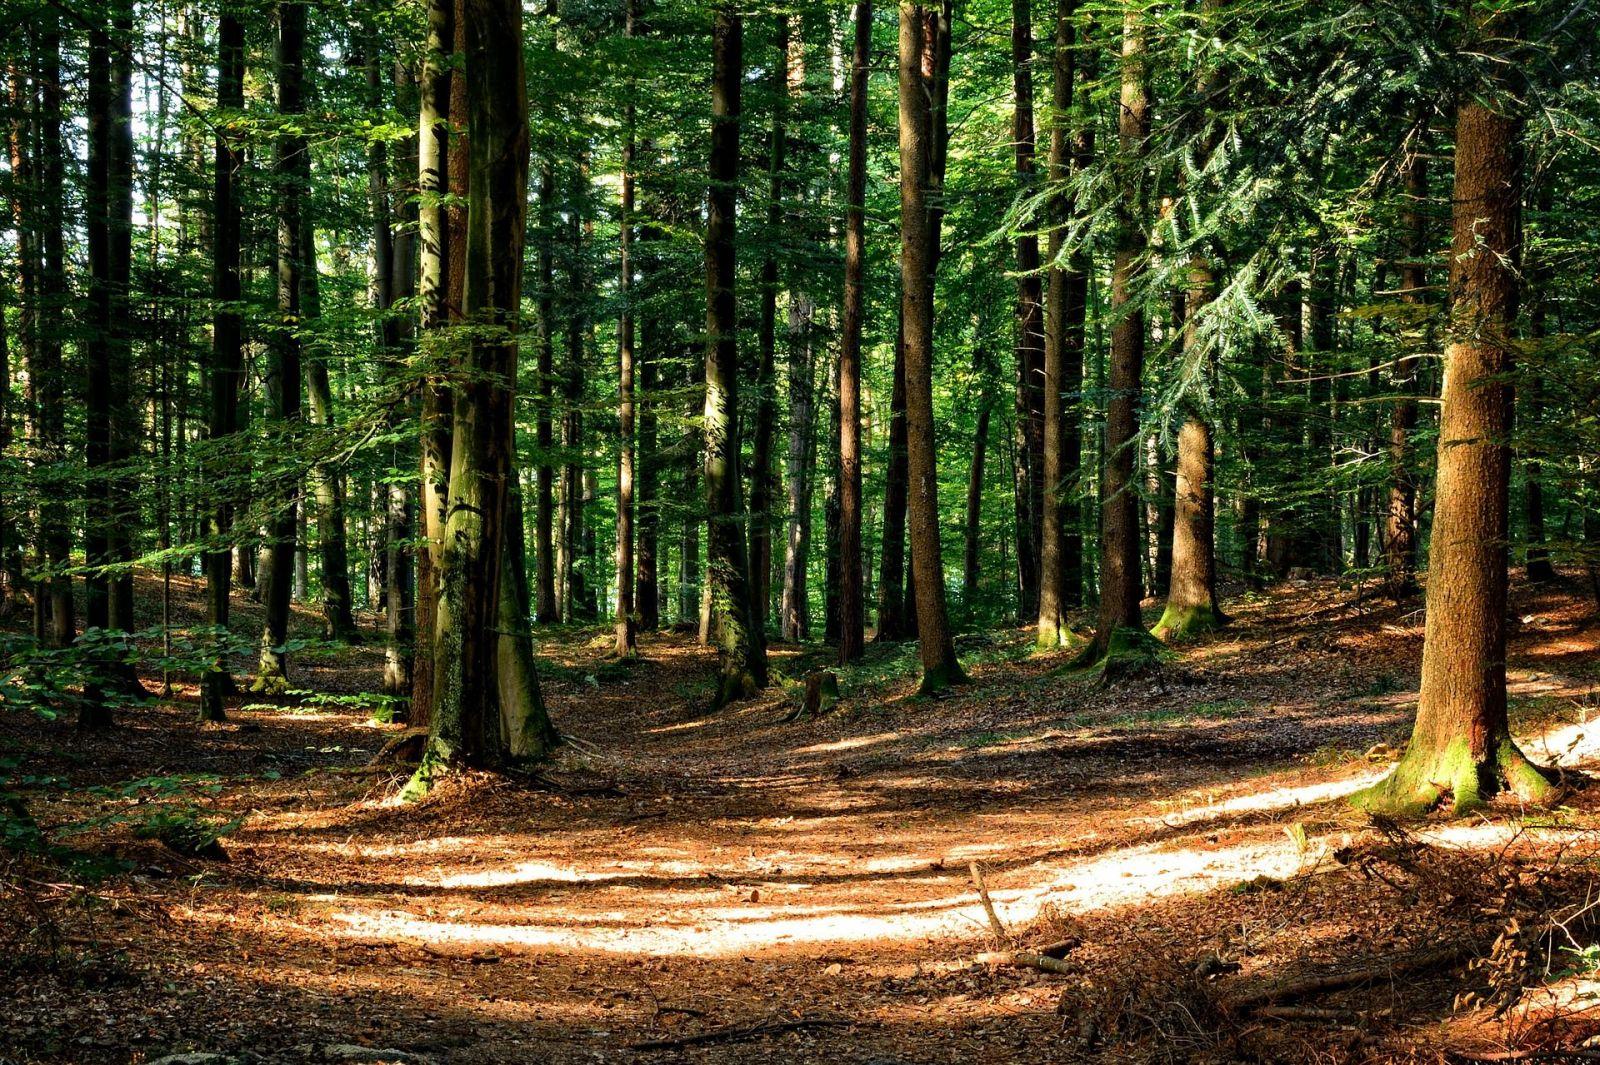 Česko rozdá 100 milionů na výsadbu stromů. Pomoct životnímu prostředí tak může úplně každý